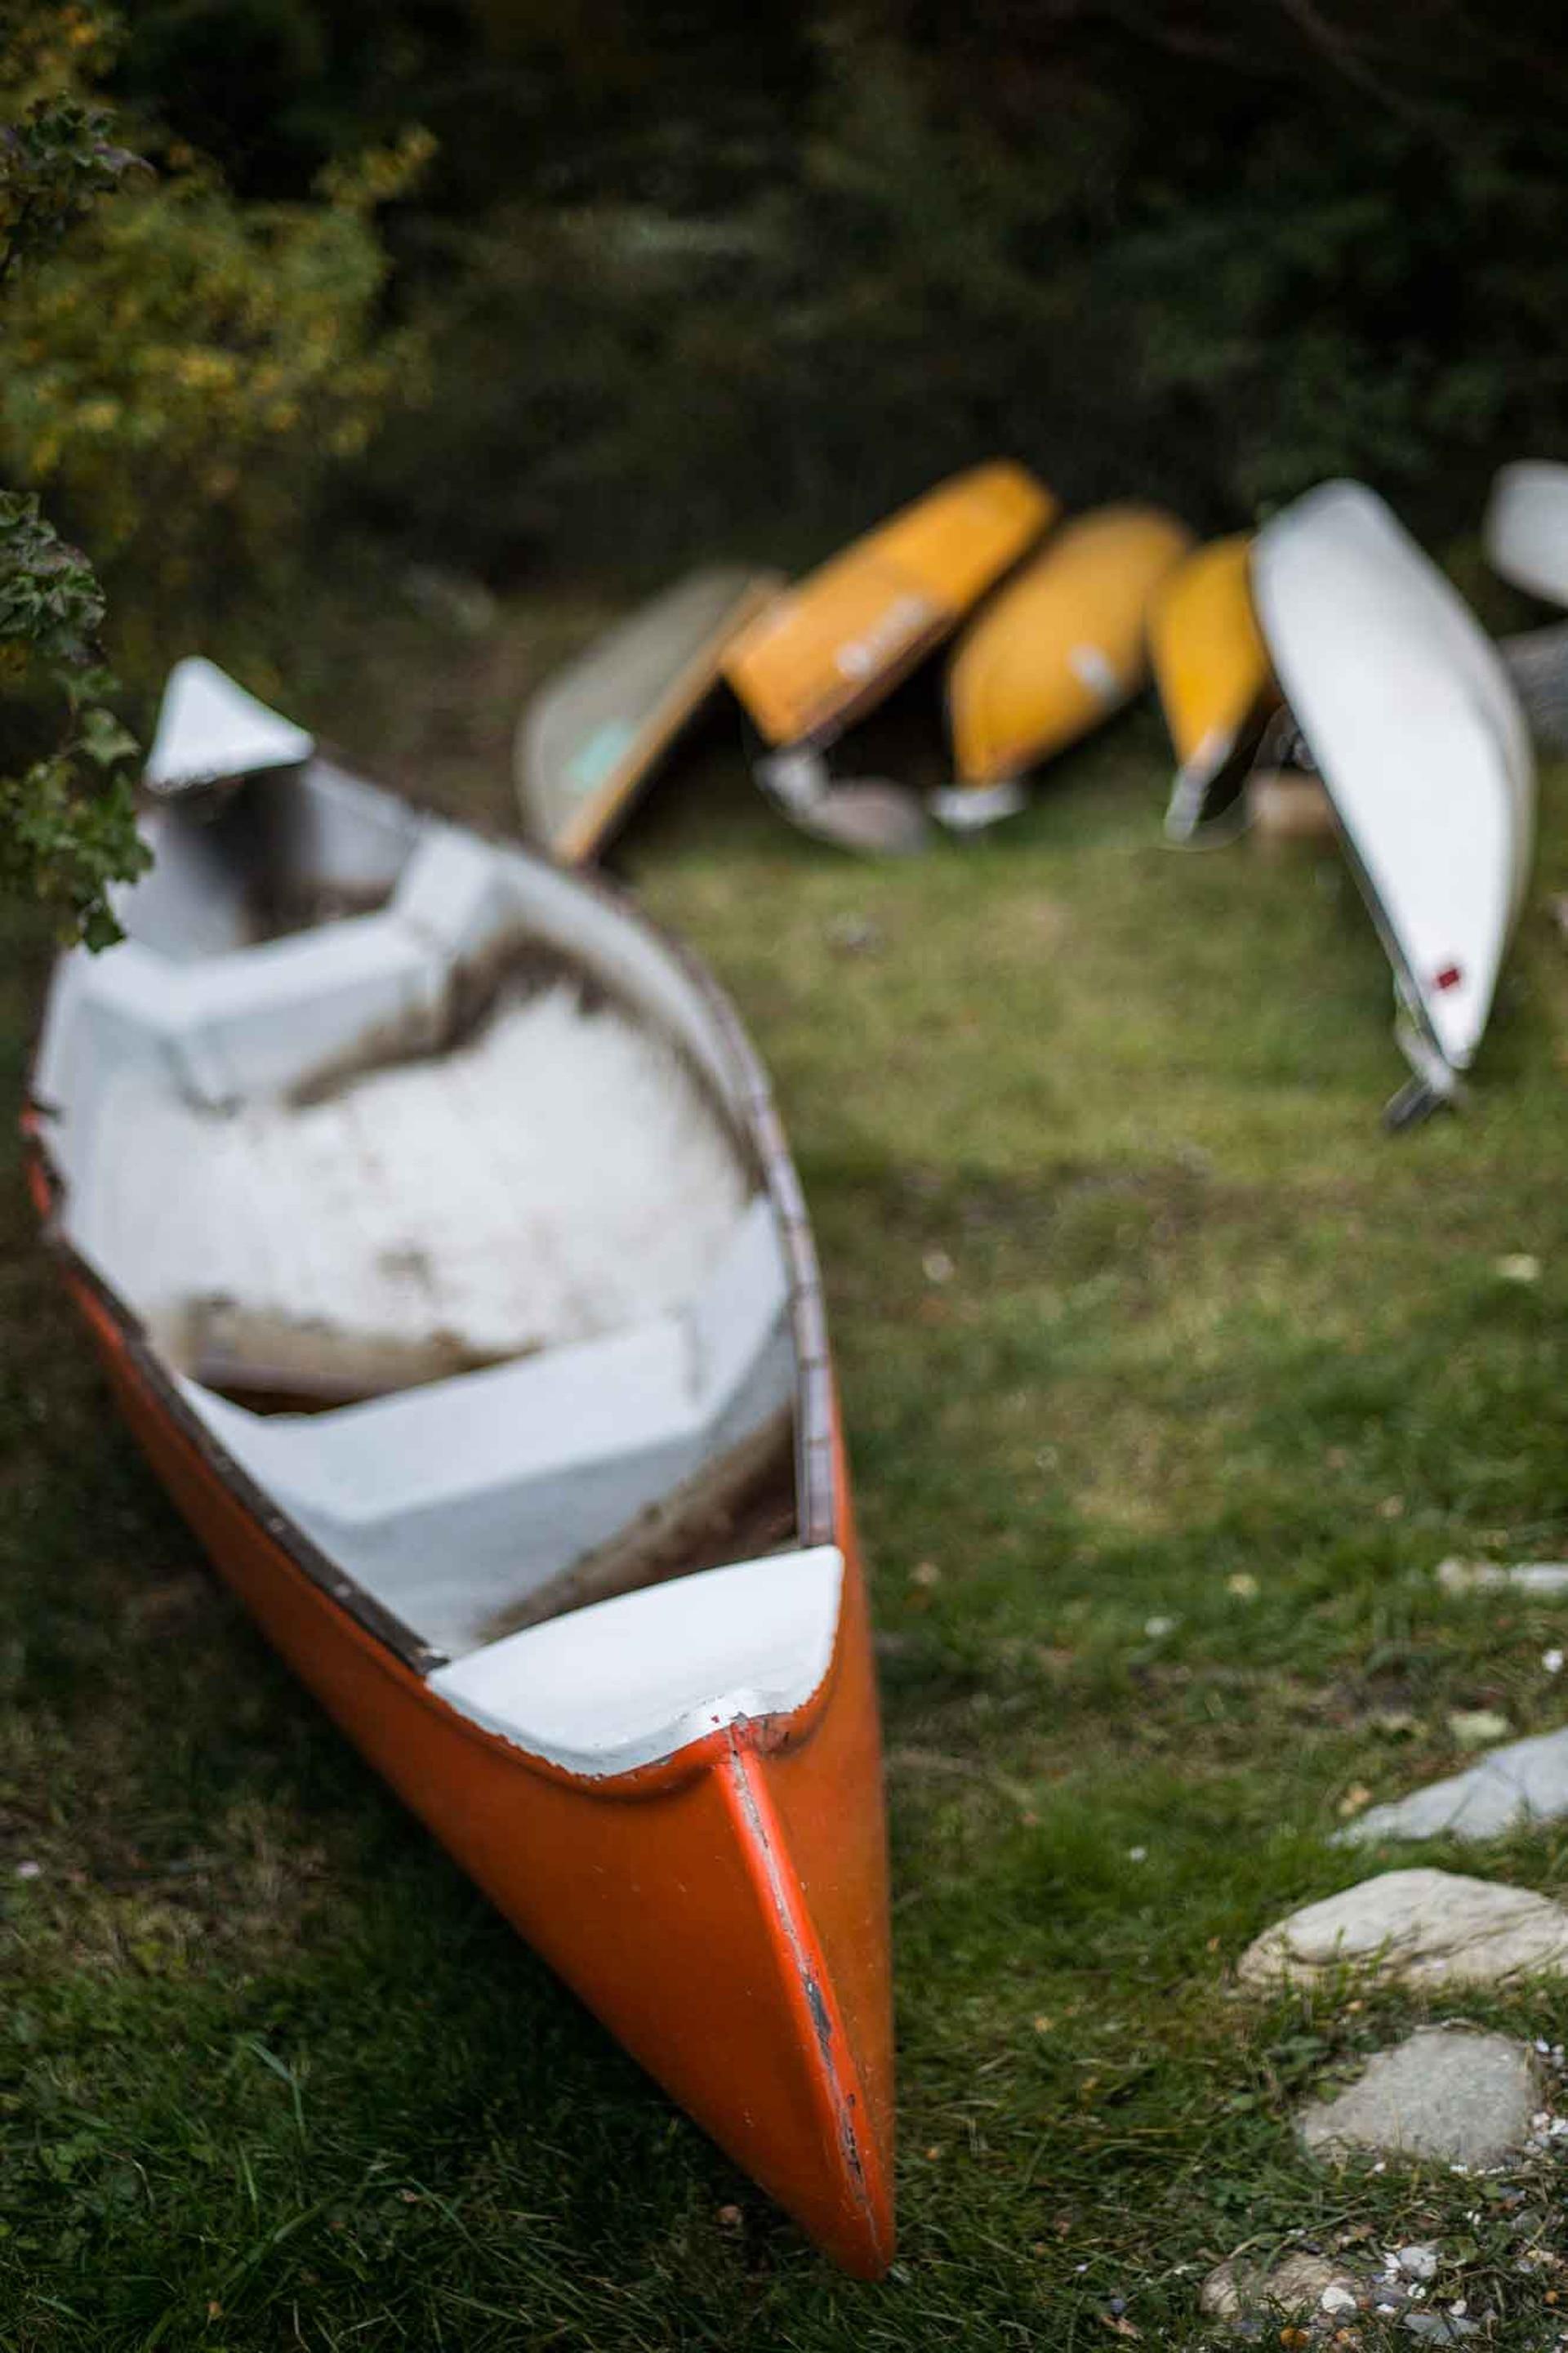 Kayaks a disposición de los clientes en el restaurante La sirena y el capitán en Puerto Almanza.